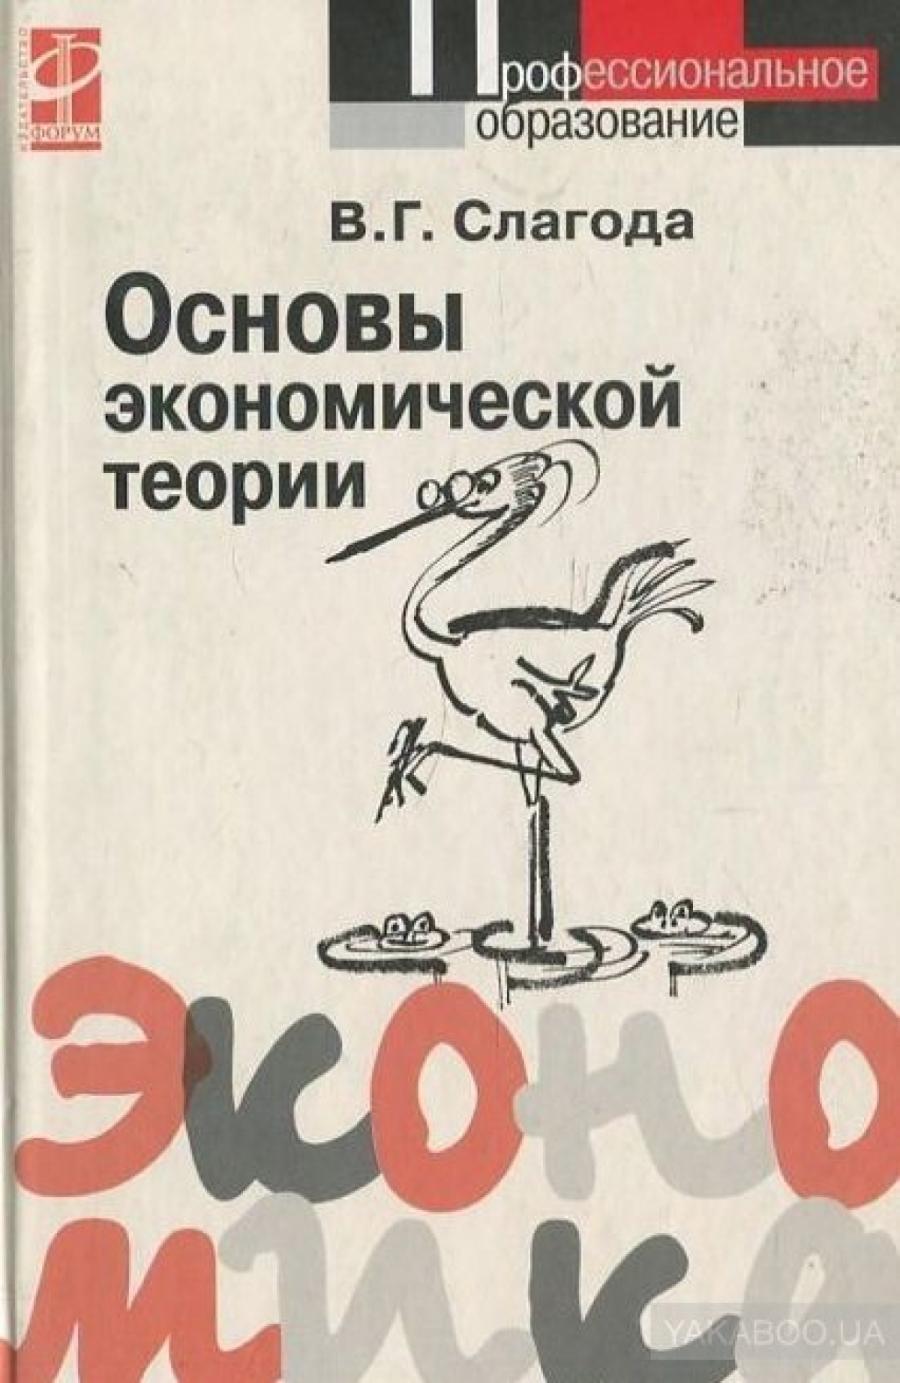 Обложка книги:  баринов в.а. - бизнес-планирование учебное пособие.